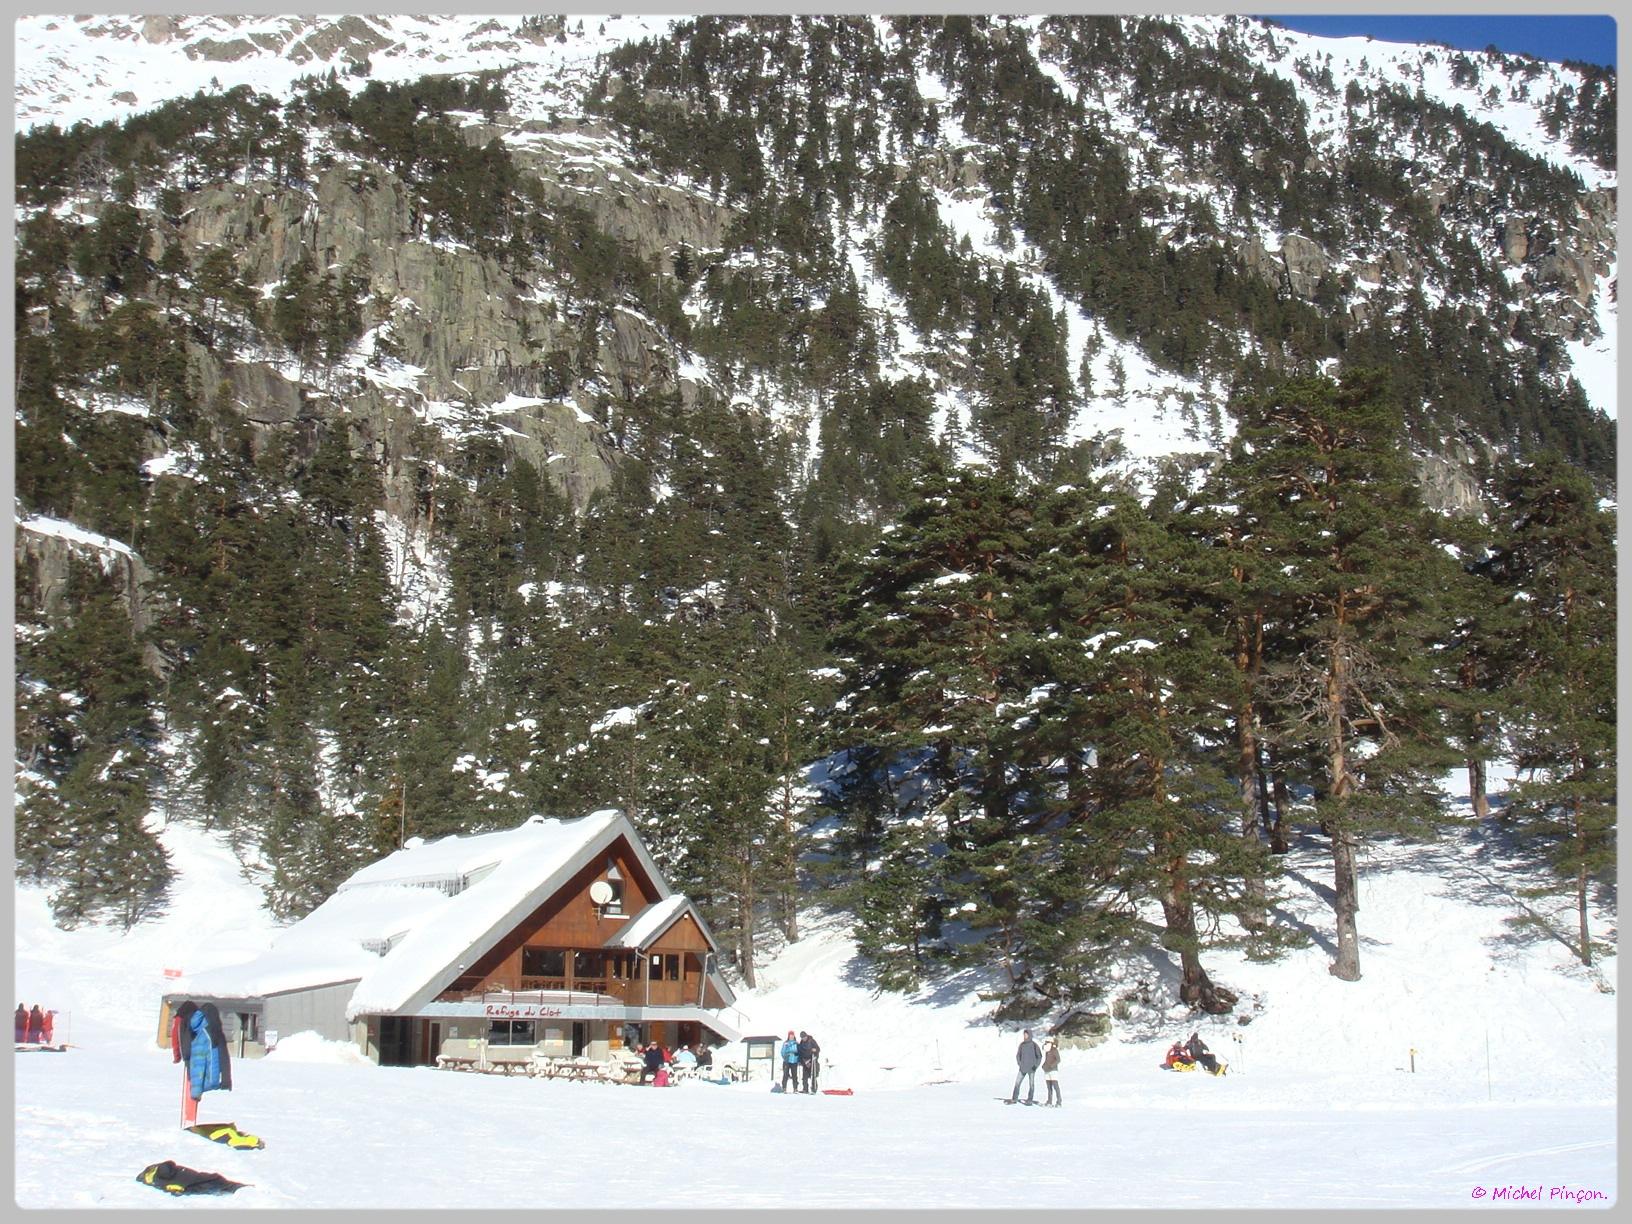 Une semaine à la Neige dans les Htes Pyrénées - Page 2 298918DSC011941